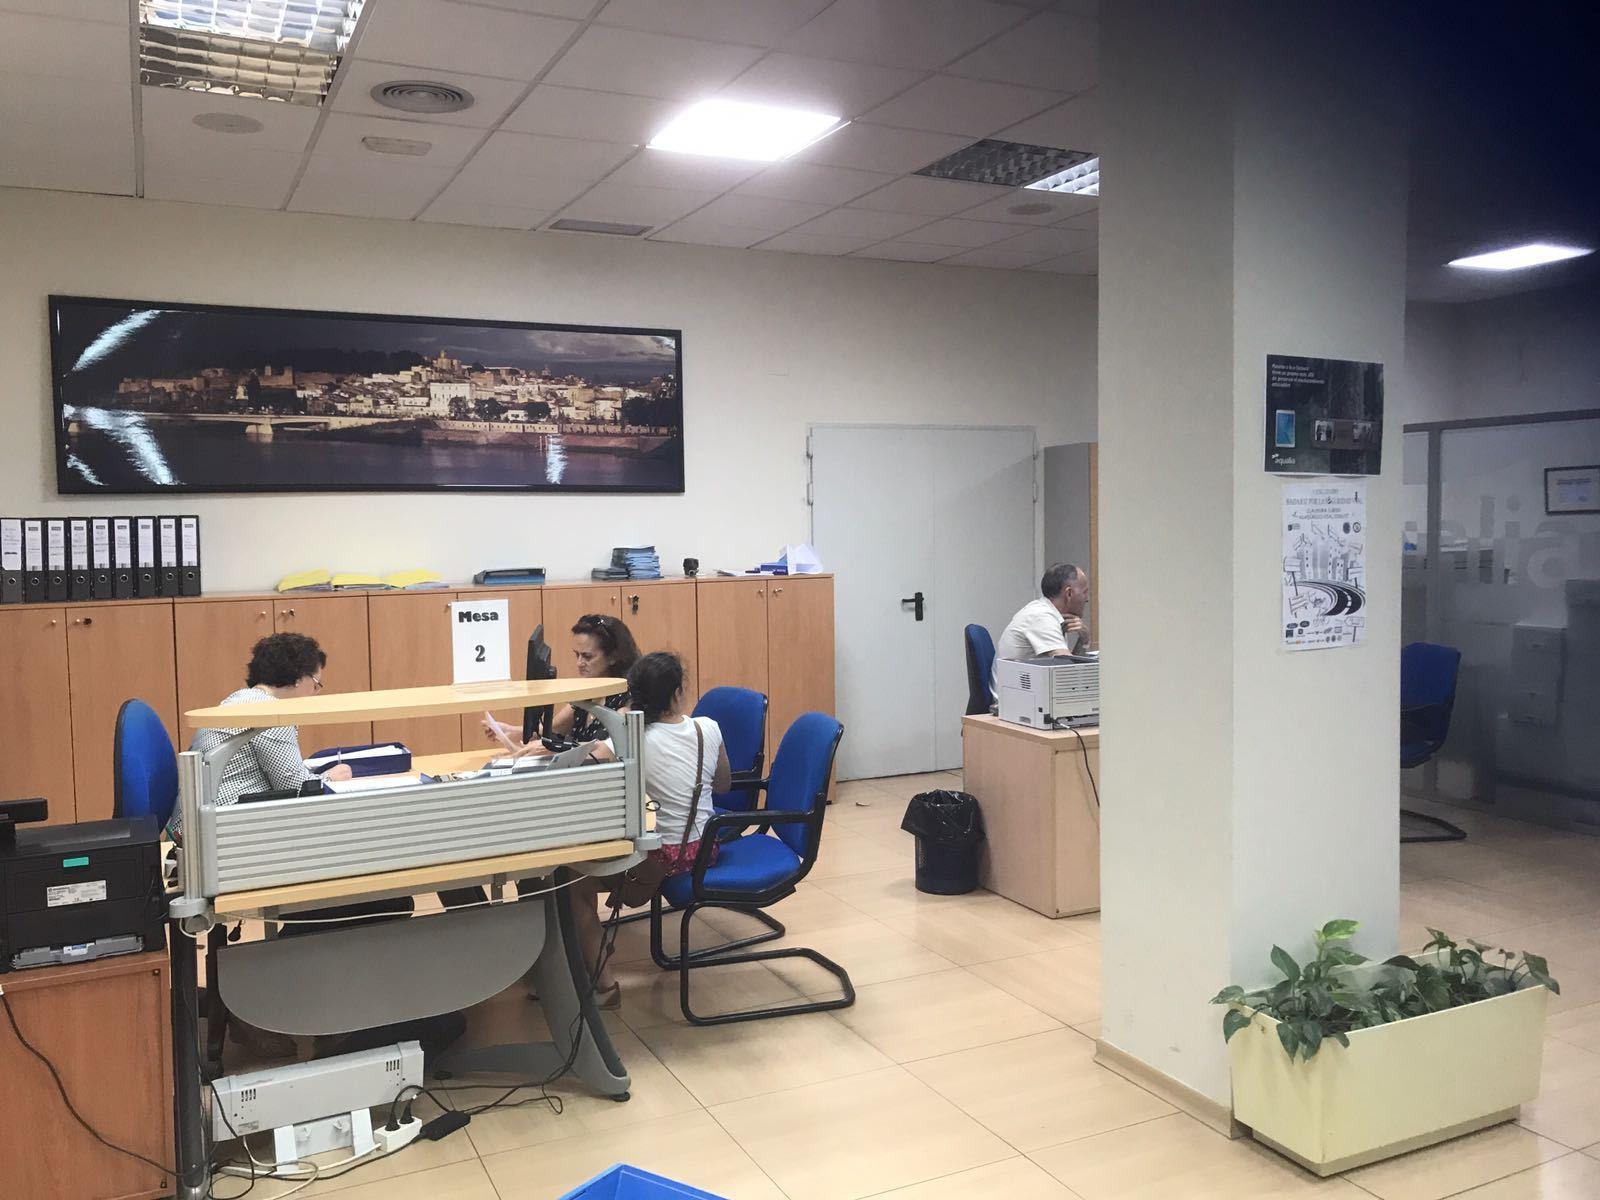 Cambio titular agua gratuito 3 meses en badajoz for Oficina turismo badajoz